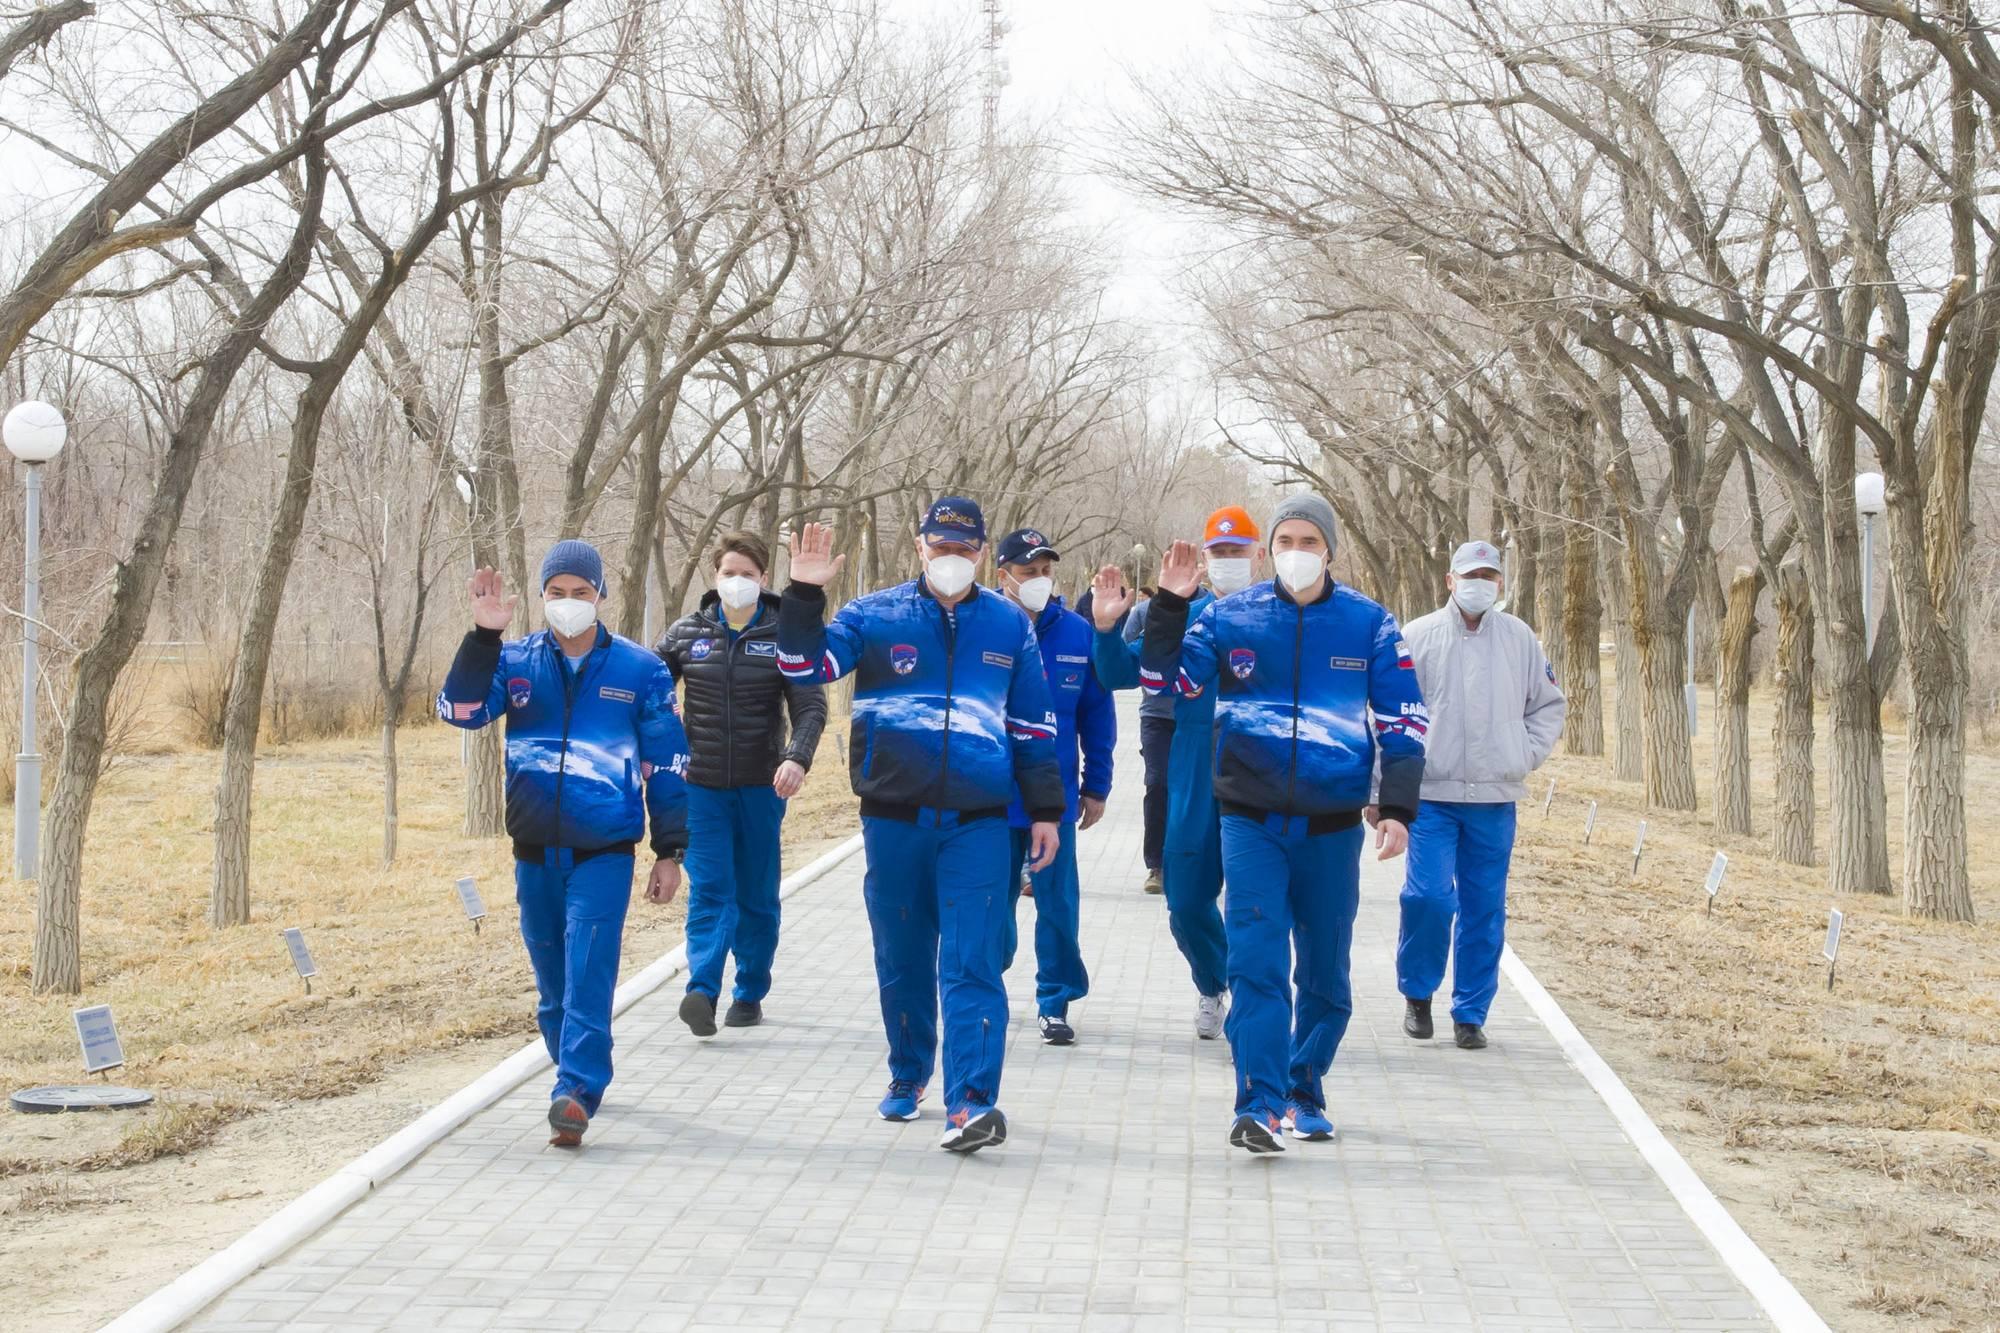 Les équipage se rendrent dans l'Allée des cosmonautes.